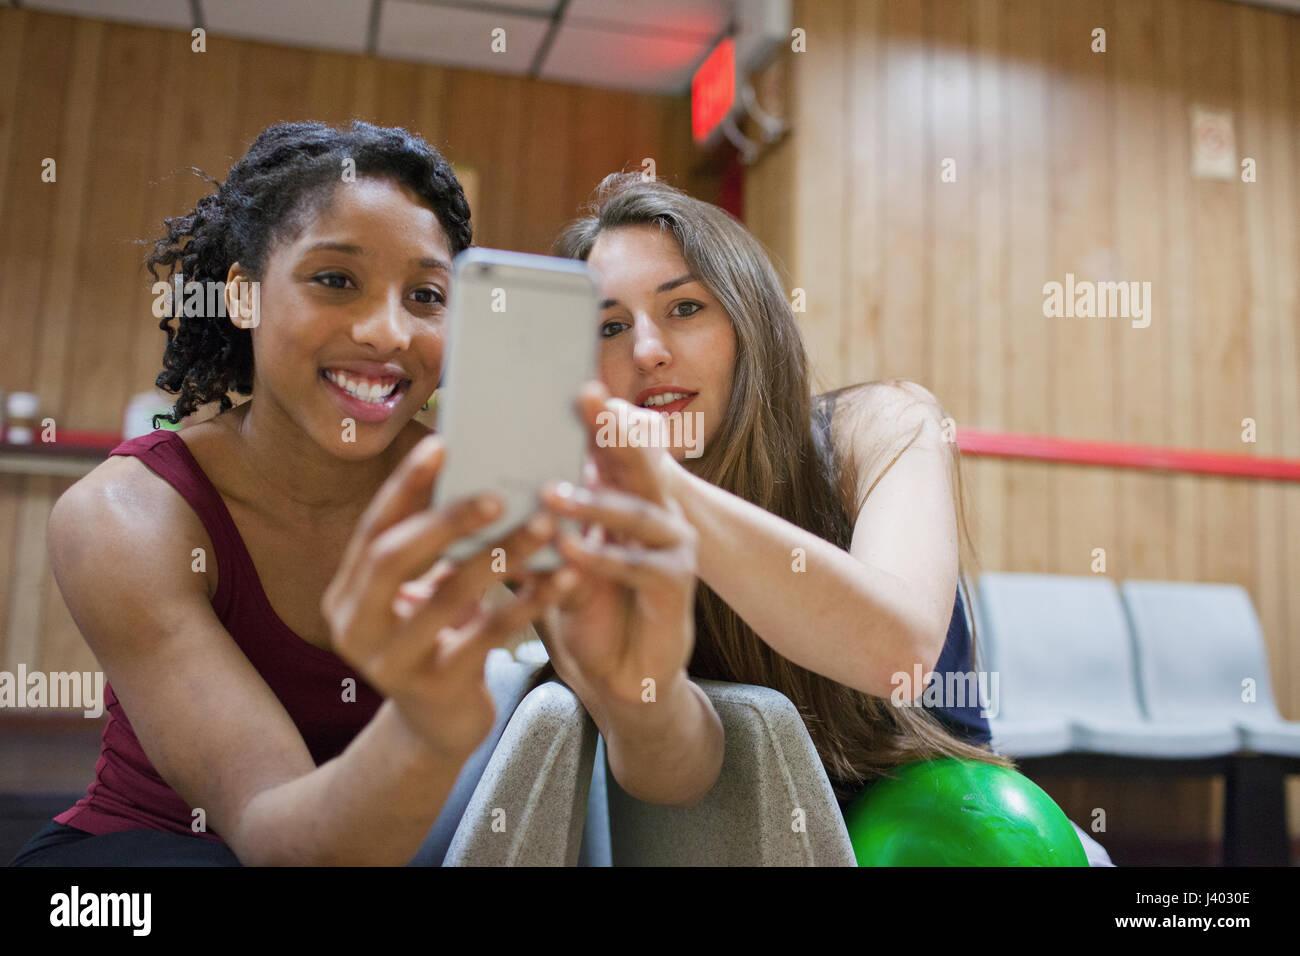 Deux jeunes femme prise d'une photo sur un téléphone cellulaire. Photo Stock